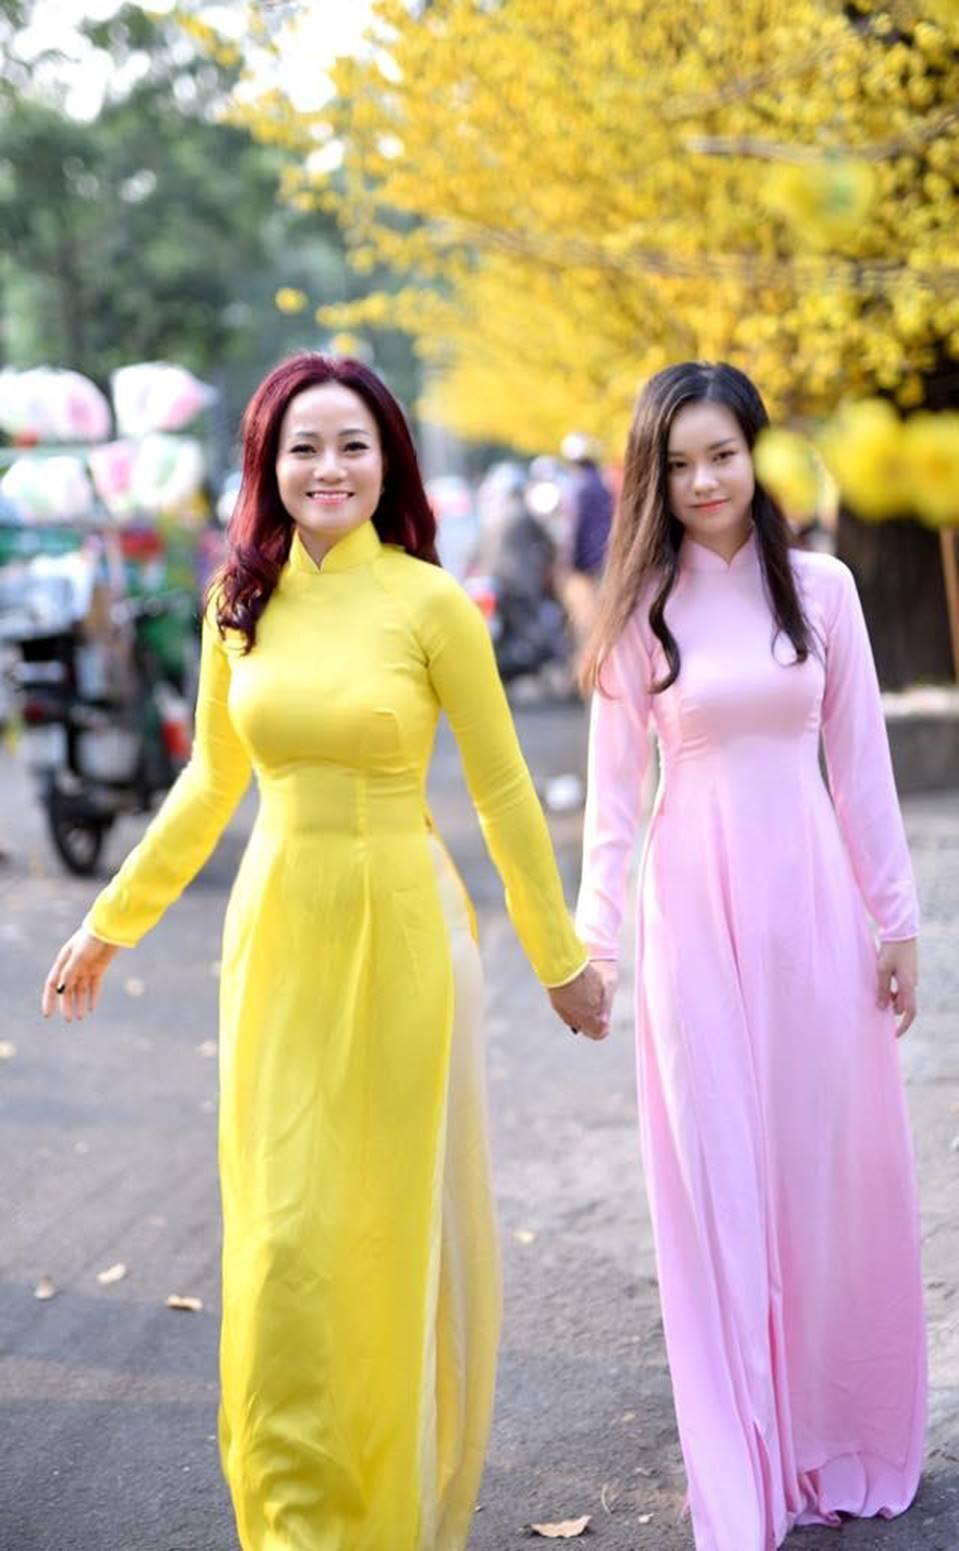 Nhan sắc cô gái Việt đóng cảnh nóng năm 13 tuổi trong phim Vợ ba-9